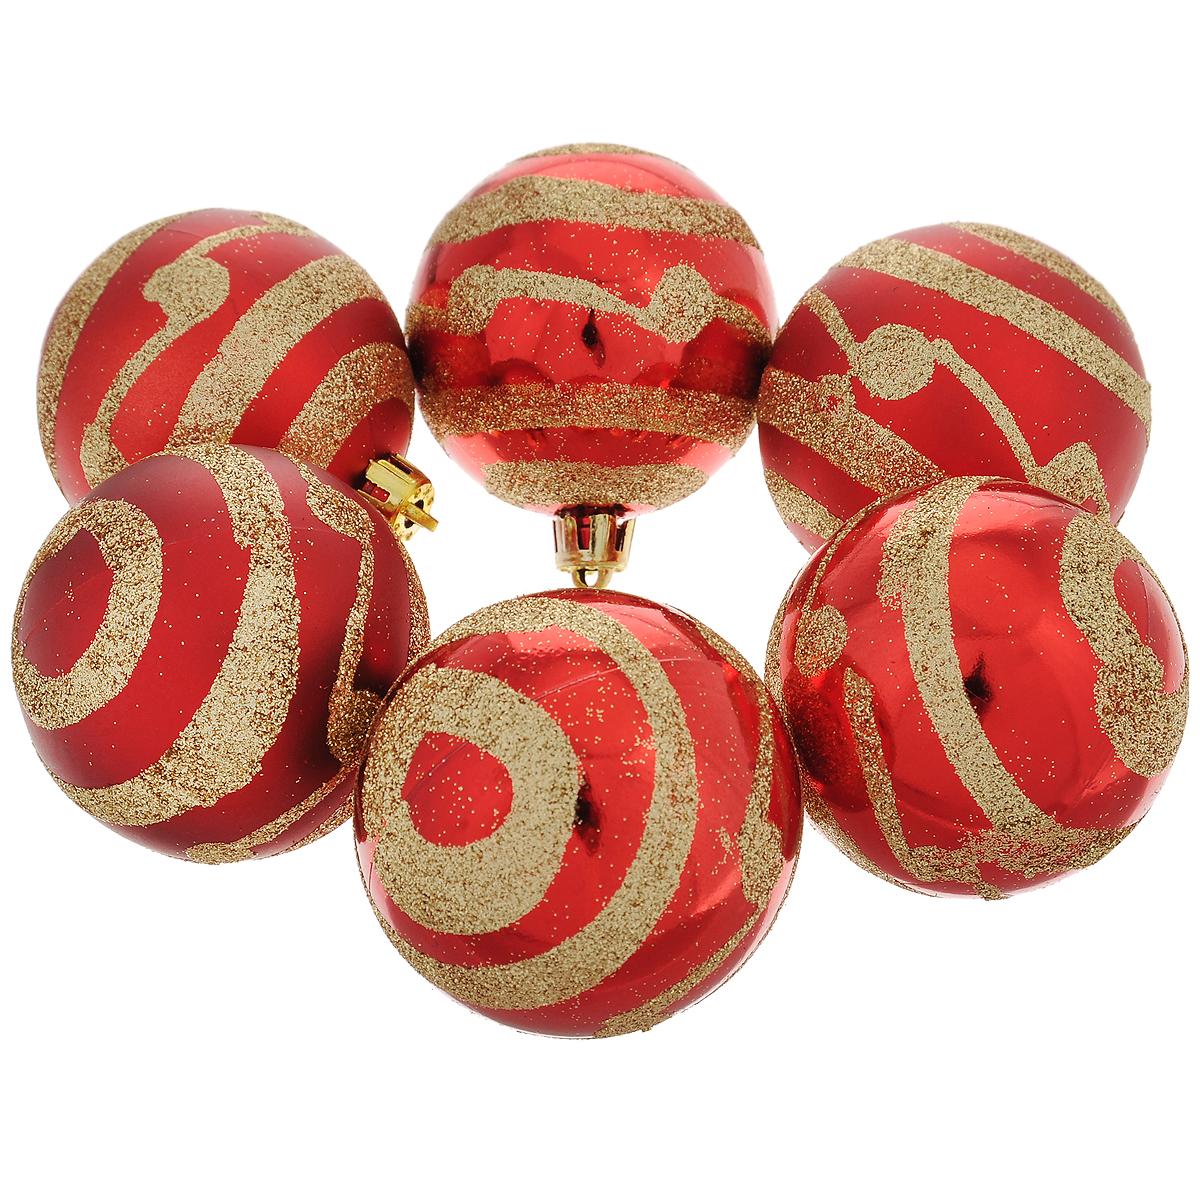 """Набор новогодних подвесных украшений """"Шар"""", цвет: золотистый, красный, диаметр 6 см, 6 шт. 35497"""